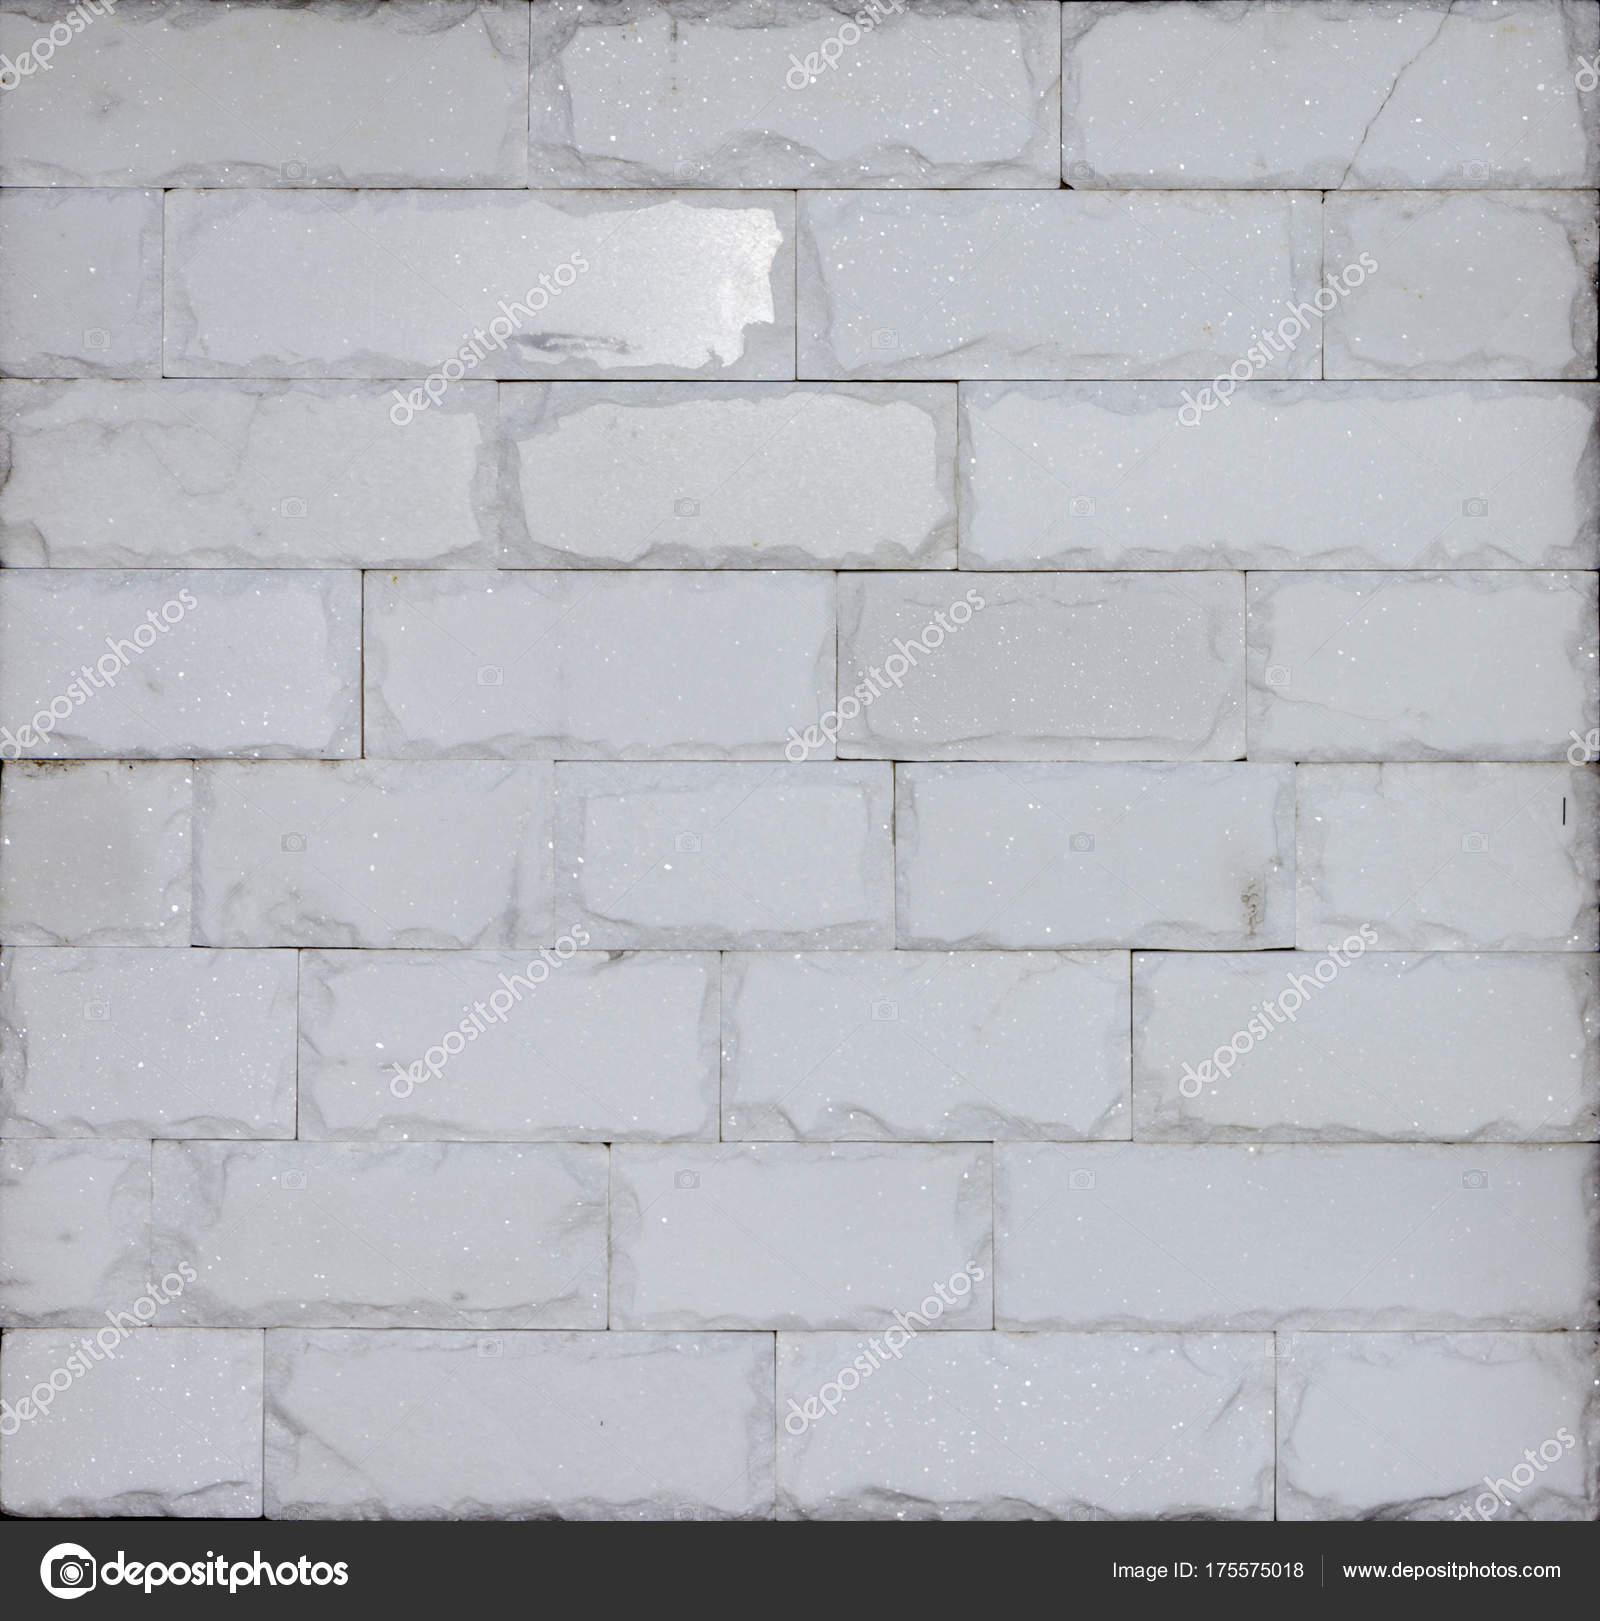 Gut Marmor Textur Dekorativen Ziegel, Wand Fliesen Aus Naturstein. Granit.  Baumaterialien U2014 Foto Von Maykal